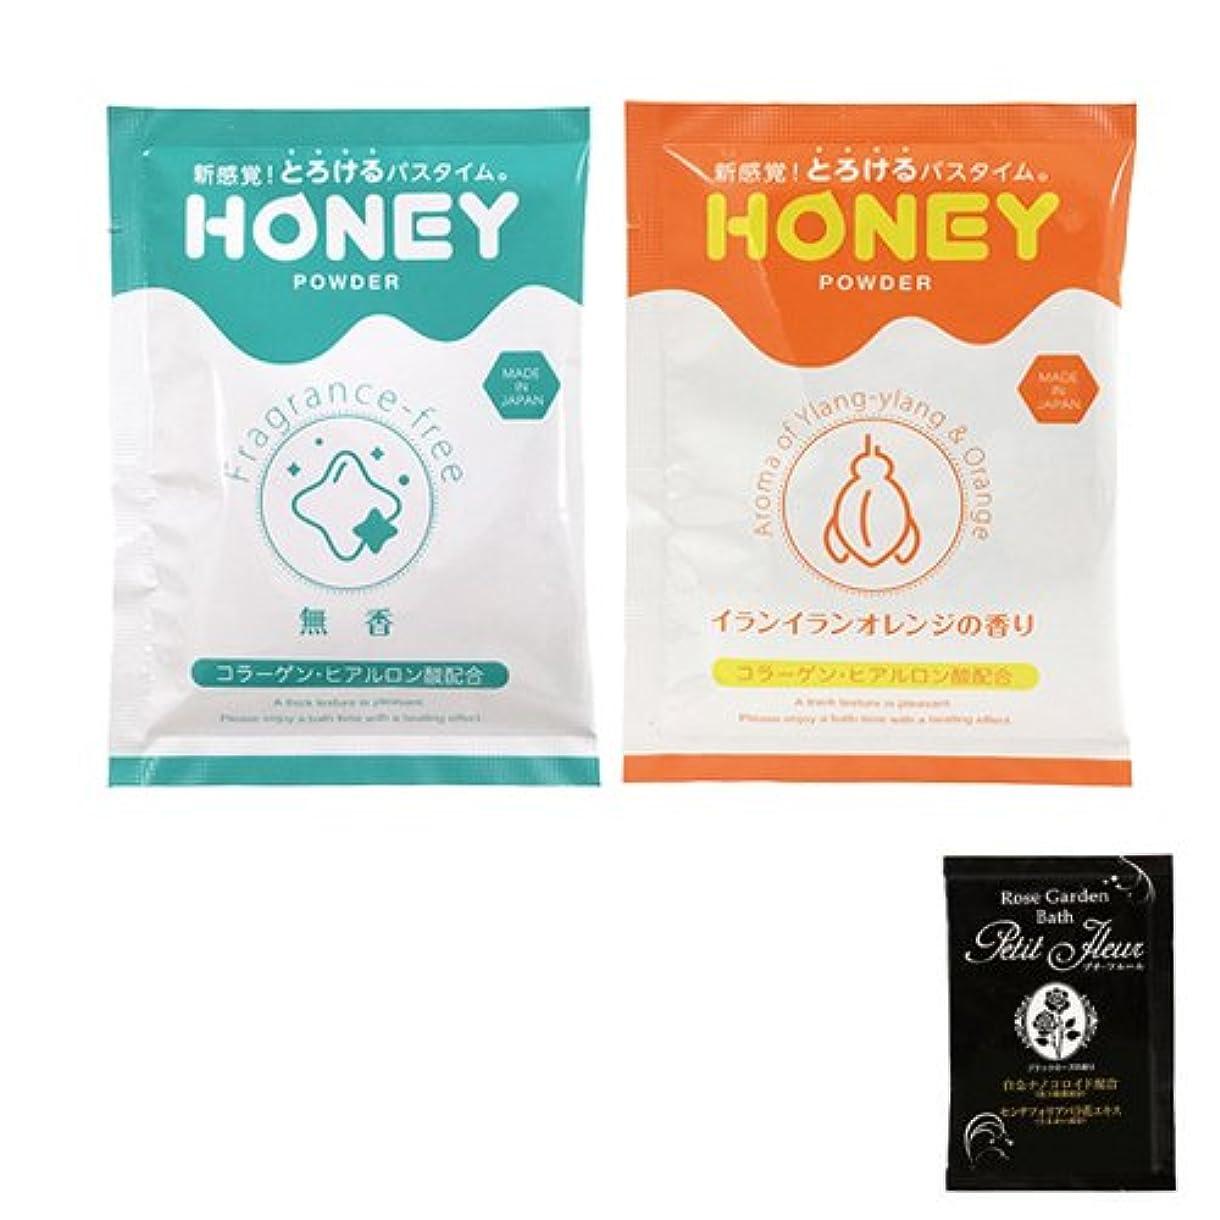 青レルム選挙とろとろ入浴剤【honey powder】粉末タイプ イランイランオレンジの香り + 無香 + 入浴剤(プチフルール)1回分